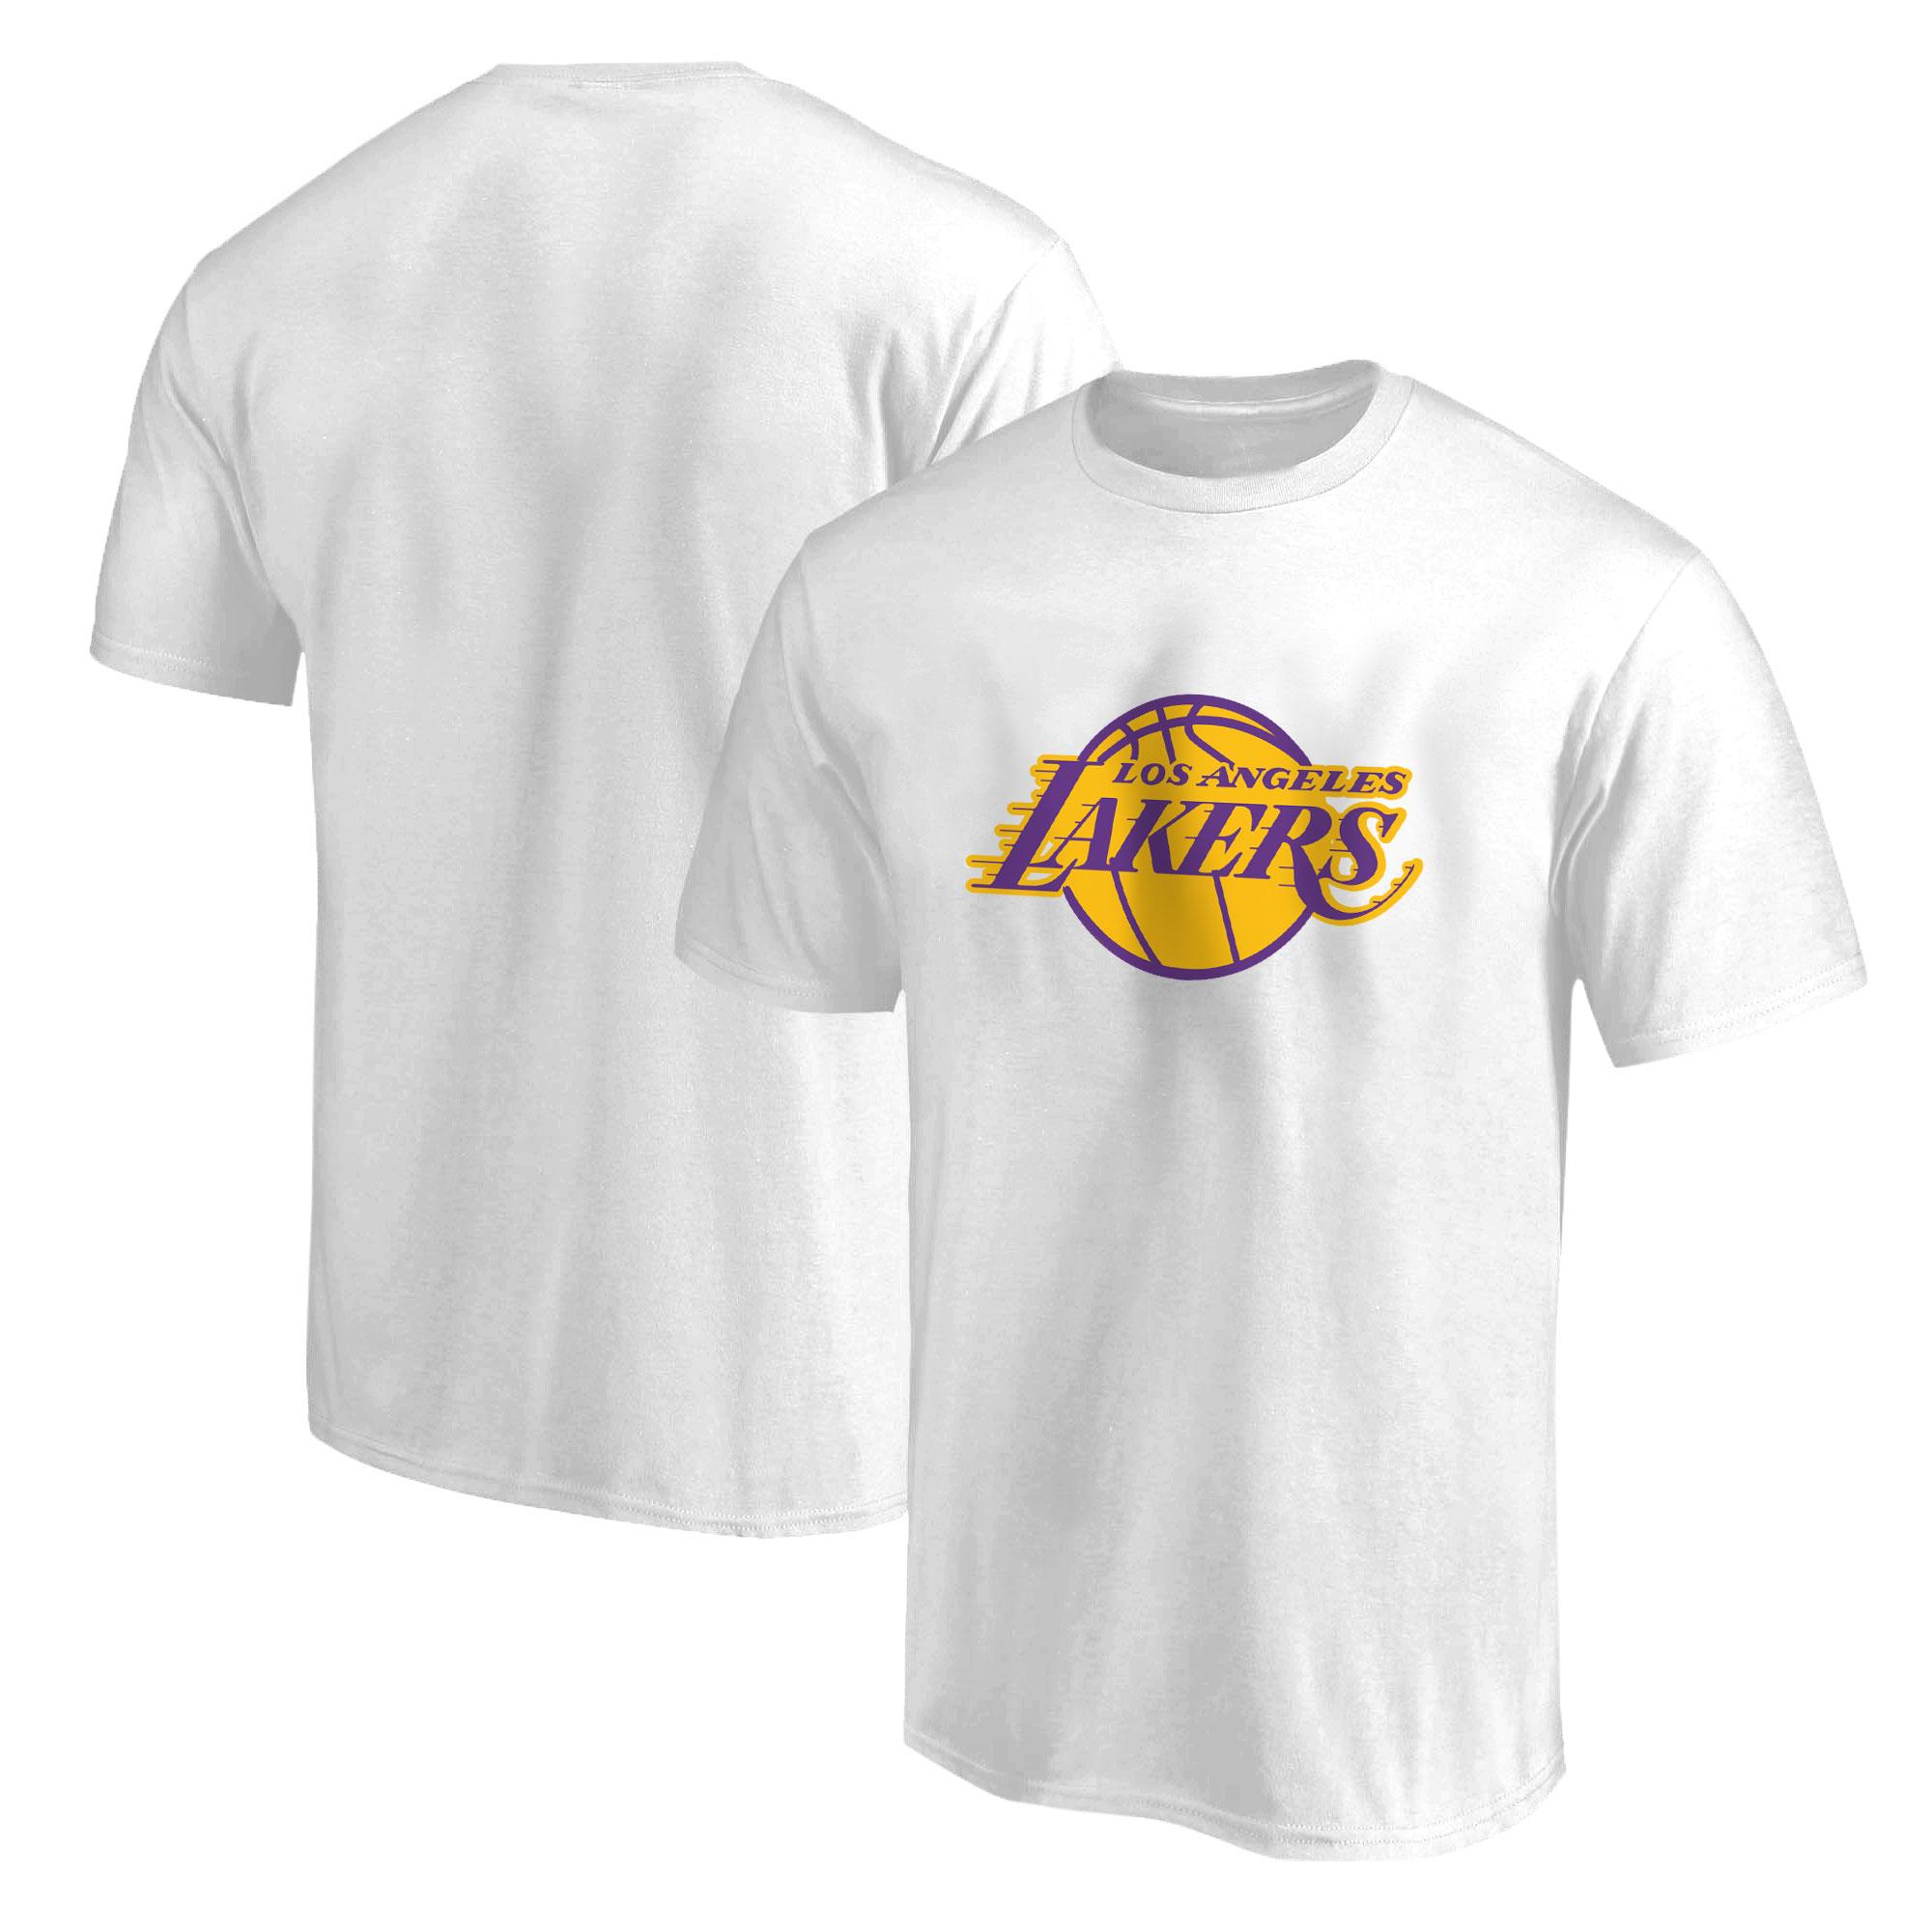 L.A. Lakers  Tshirt  (TSH-WHT-135-NBA-LAL-LOGO)